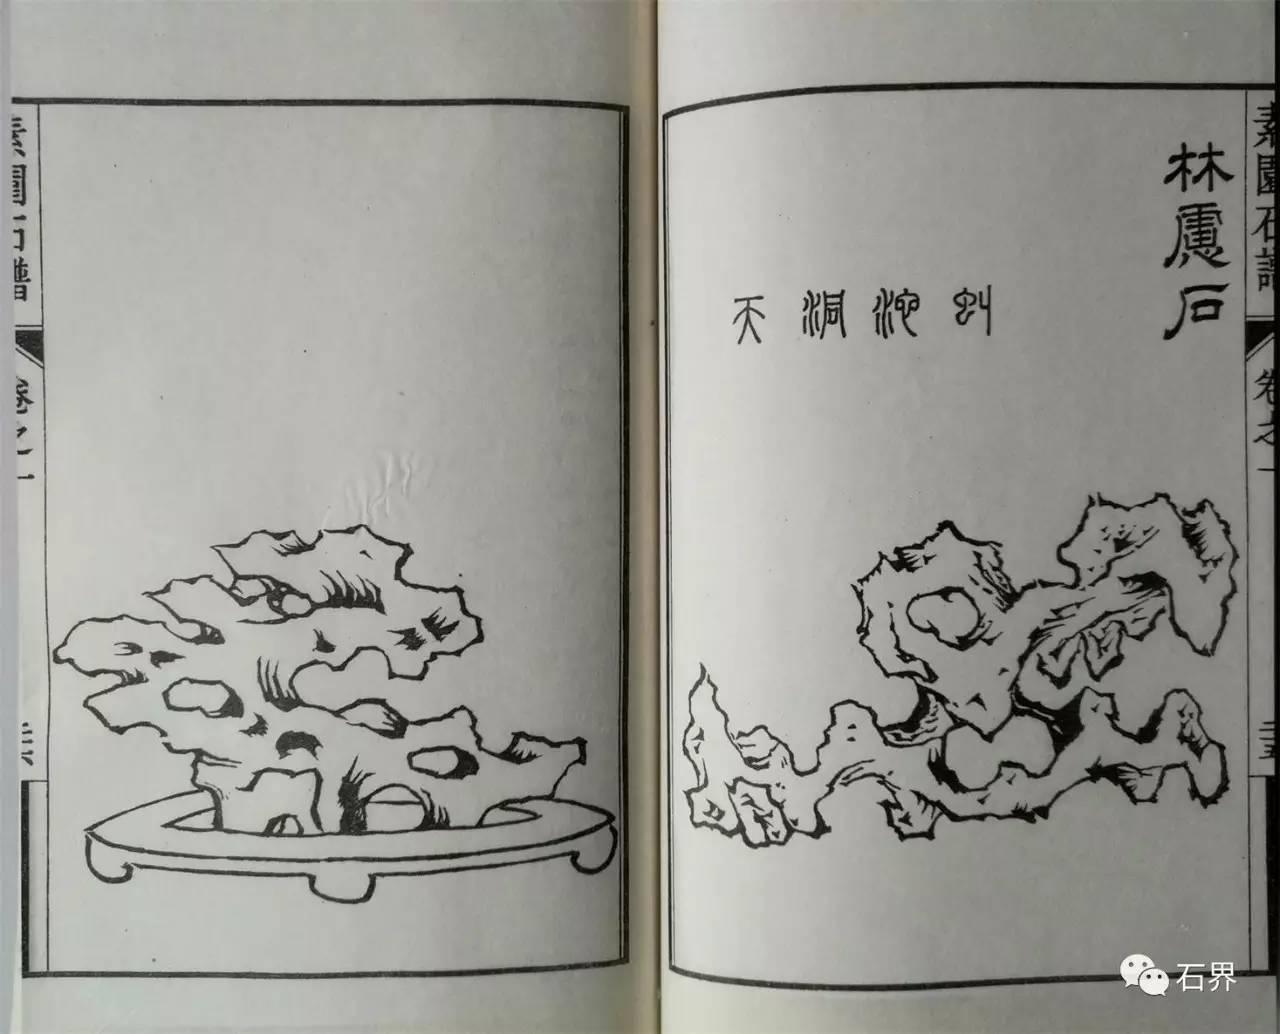 俞莹:诗颂奇石称放翁